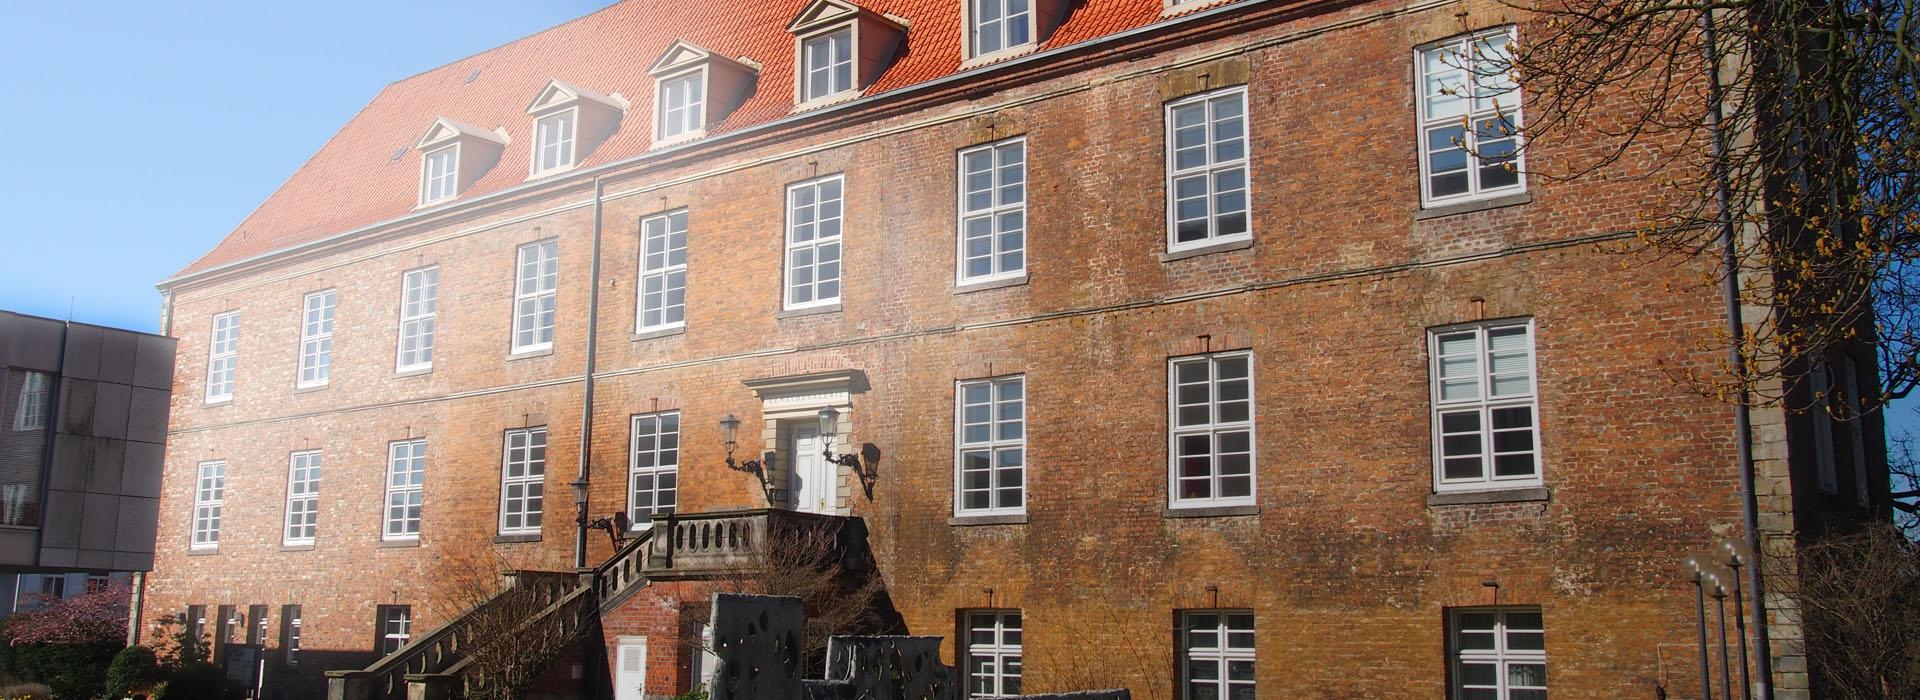 Schloss zu Kiel